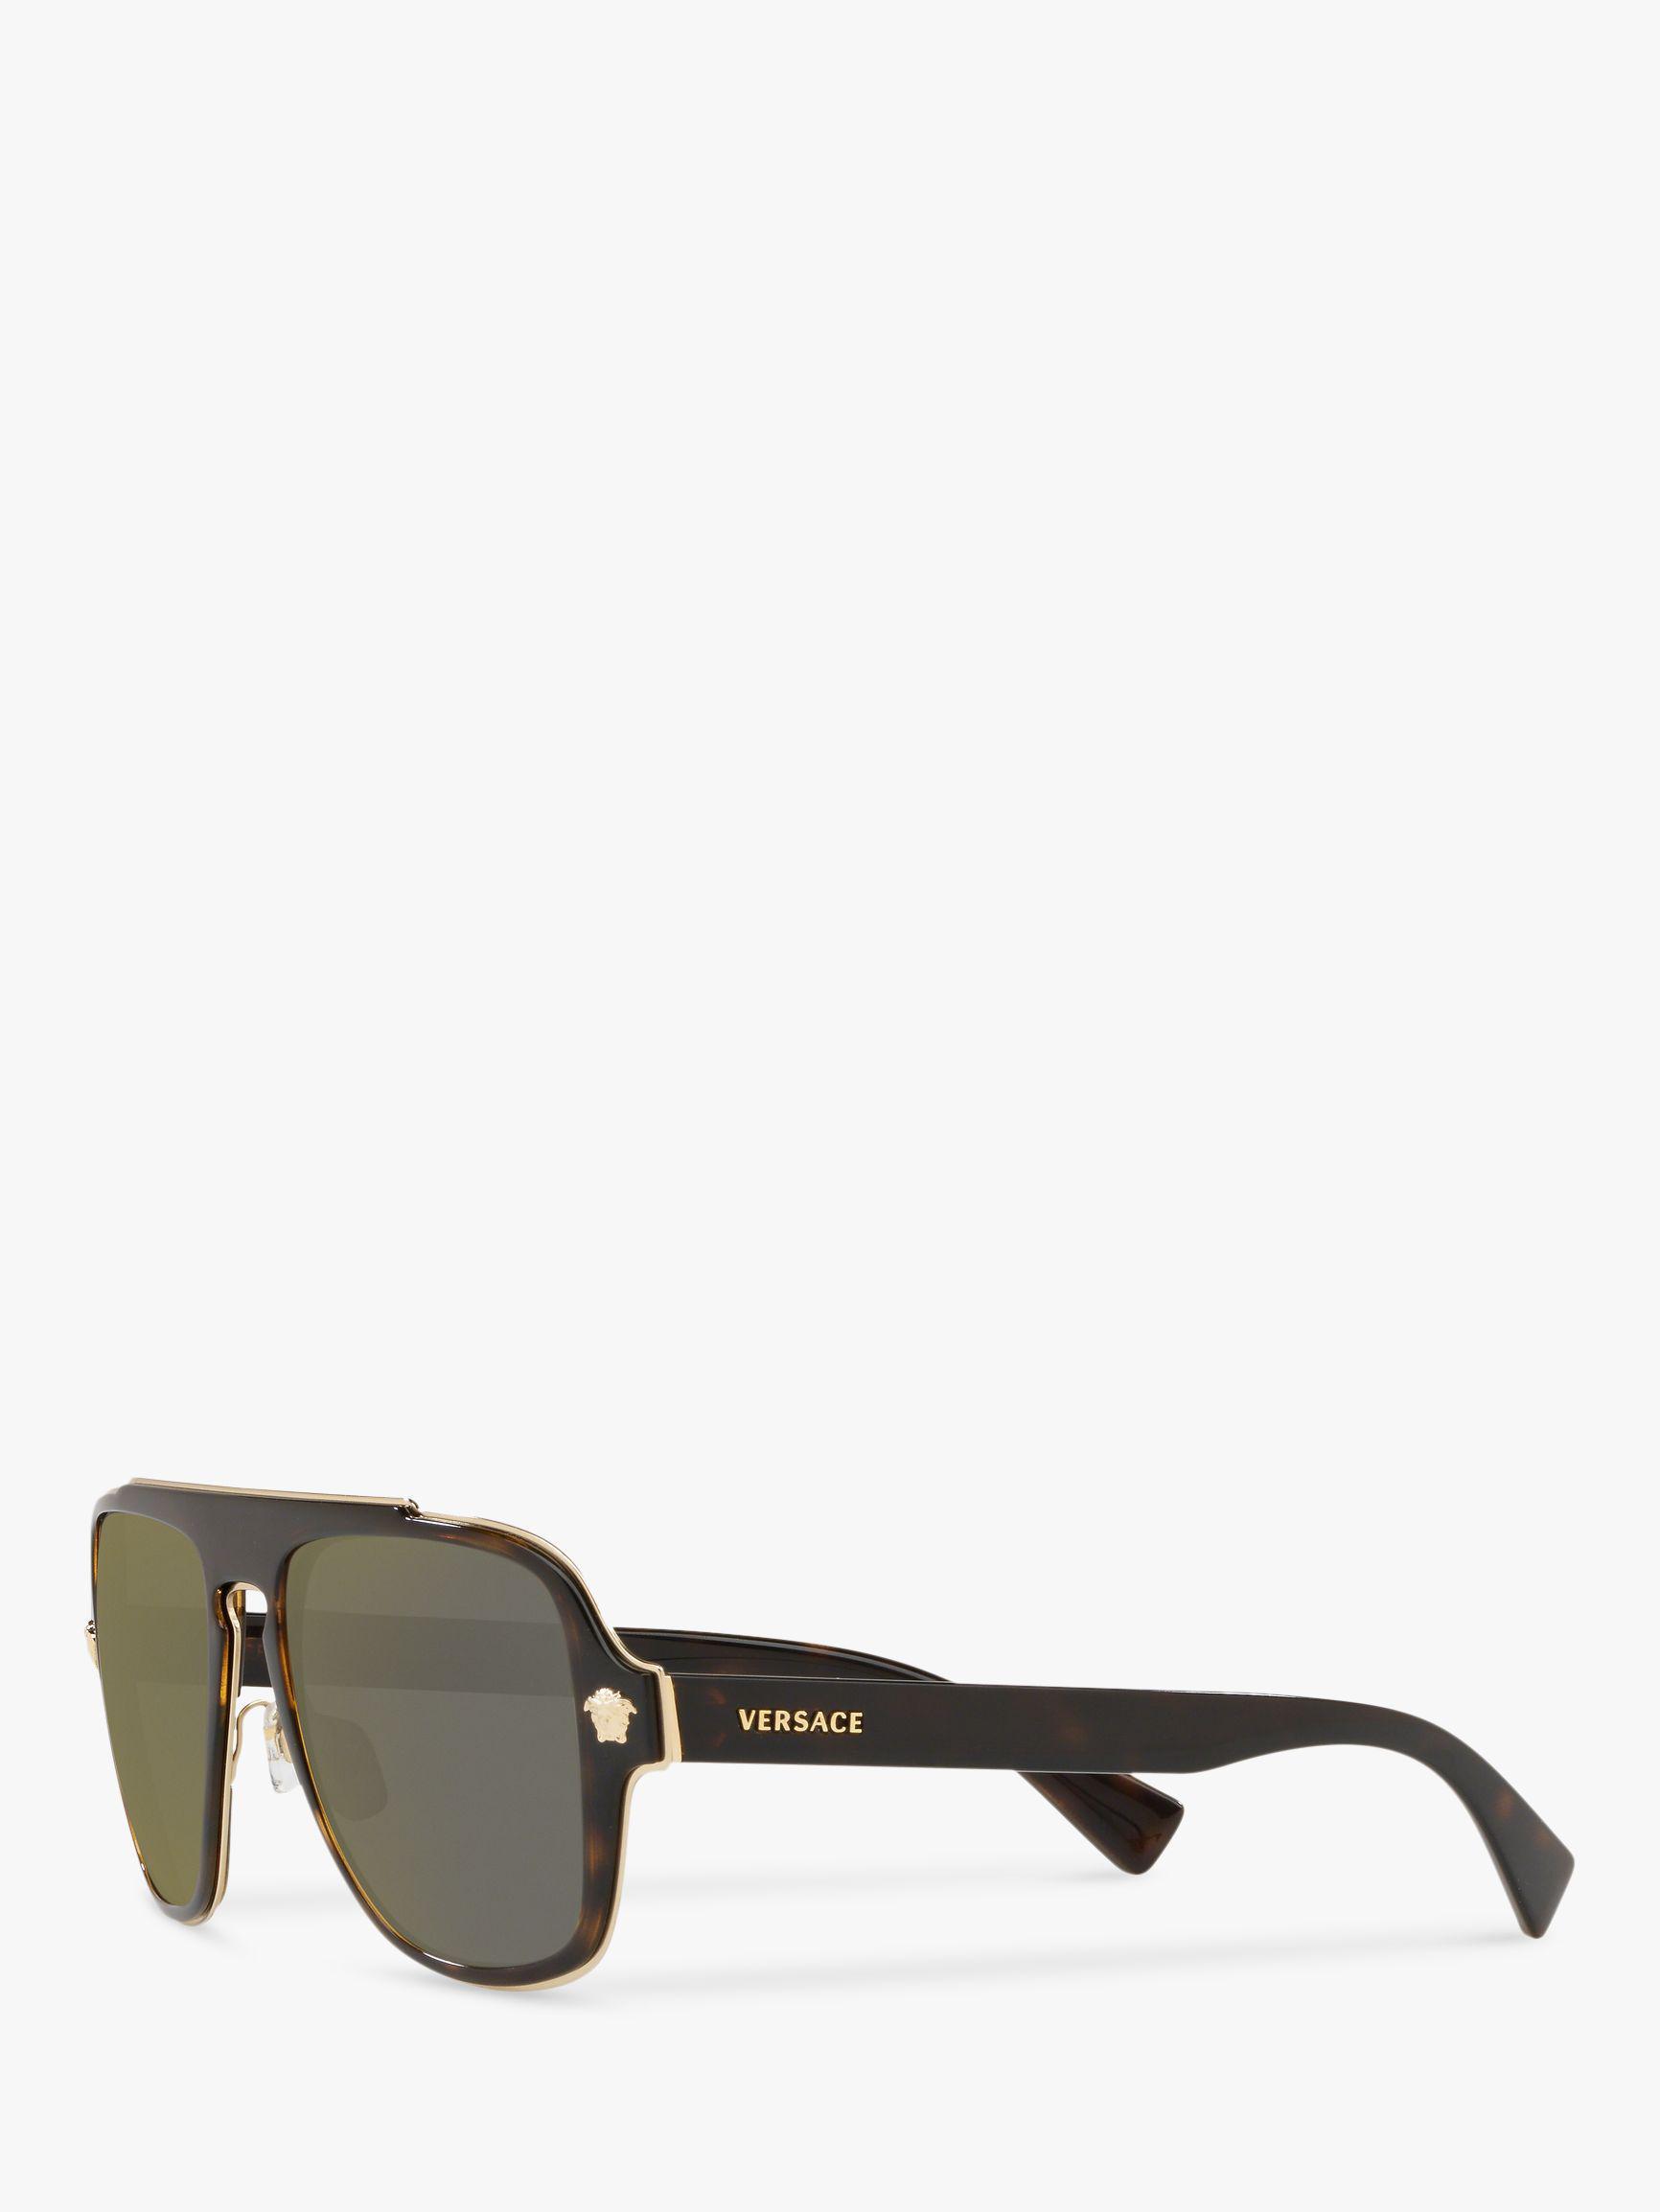 1ed1351400 Versace Ve2199 Men s Geometric Sunglasses for Men - Lyst